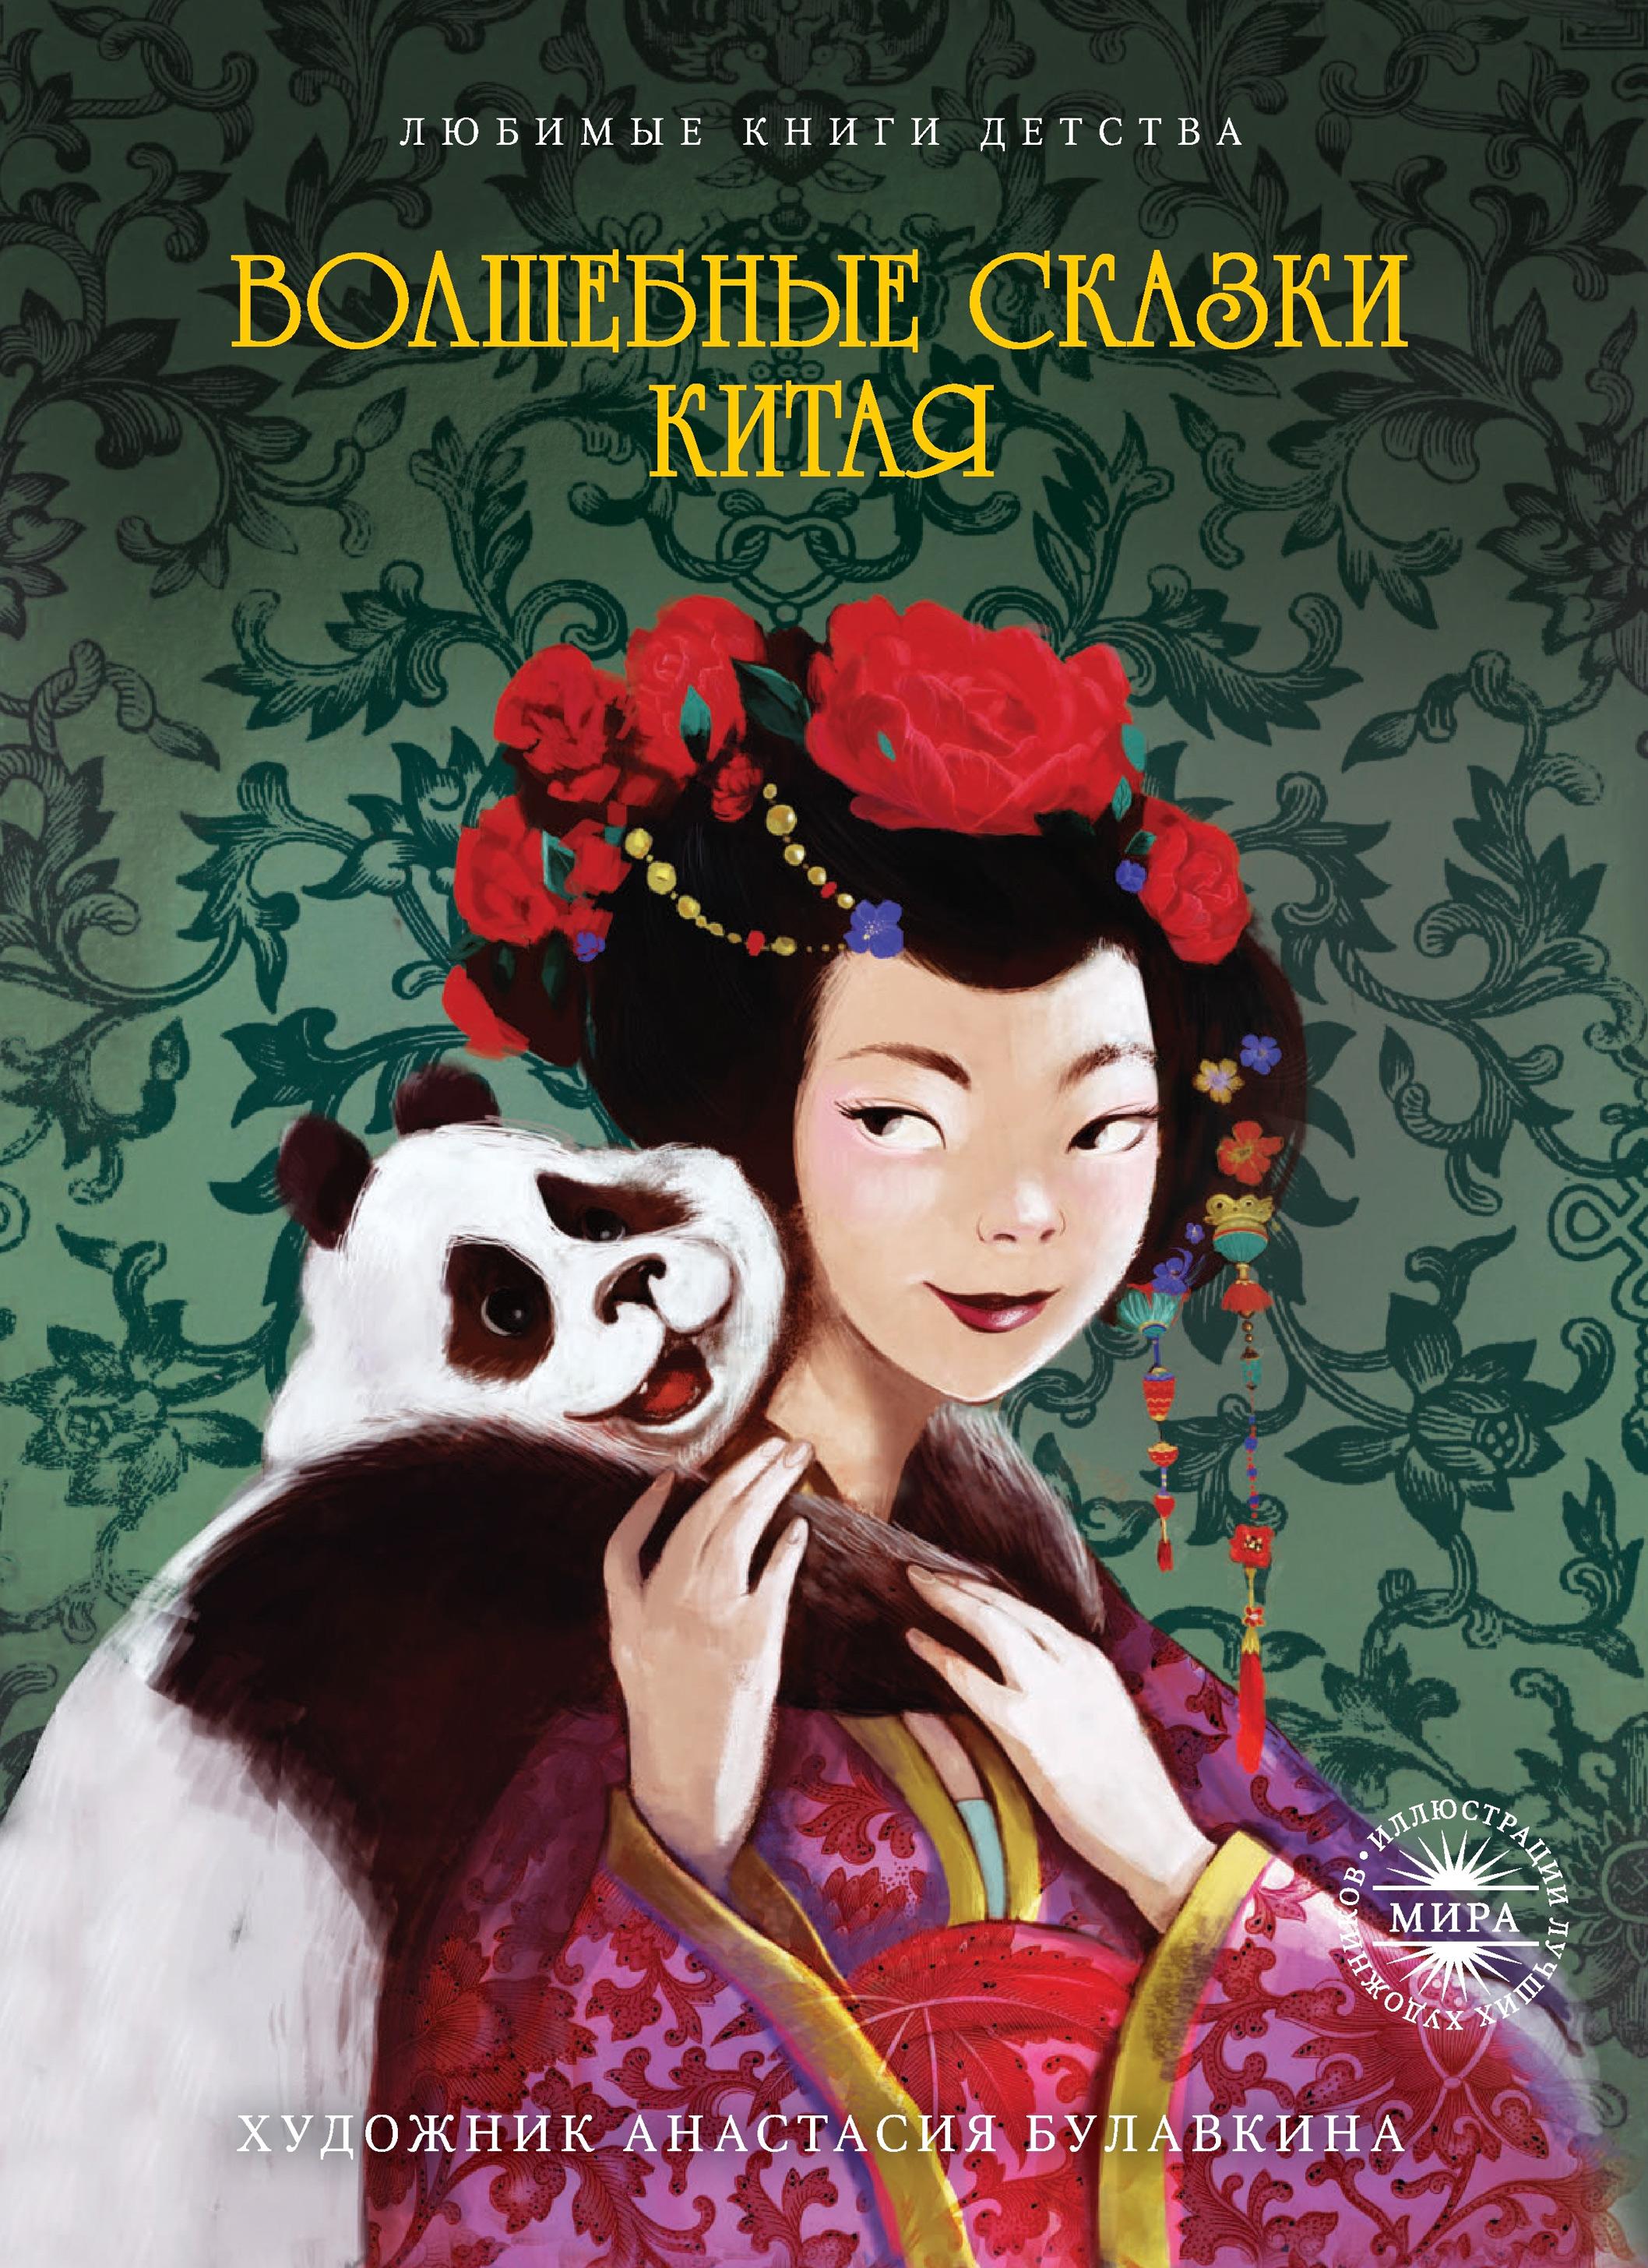 Книга Волшебные сказки Китая